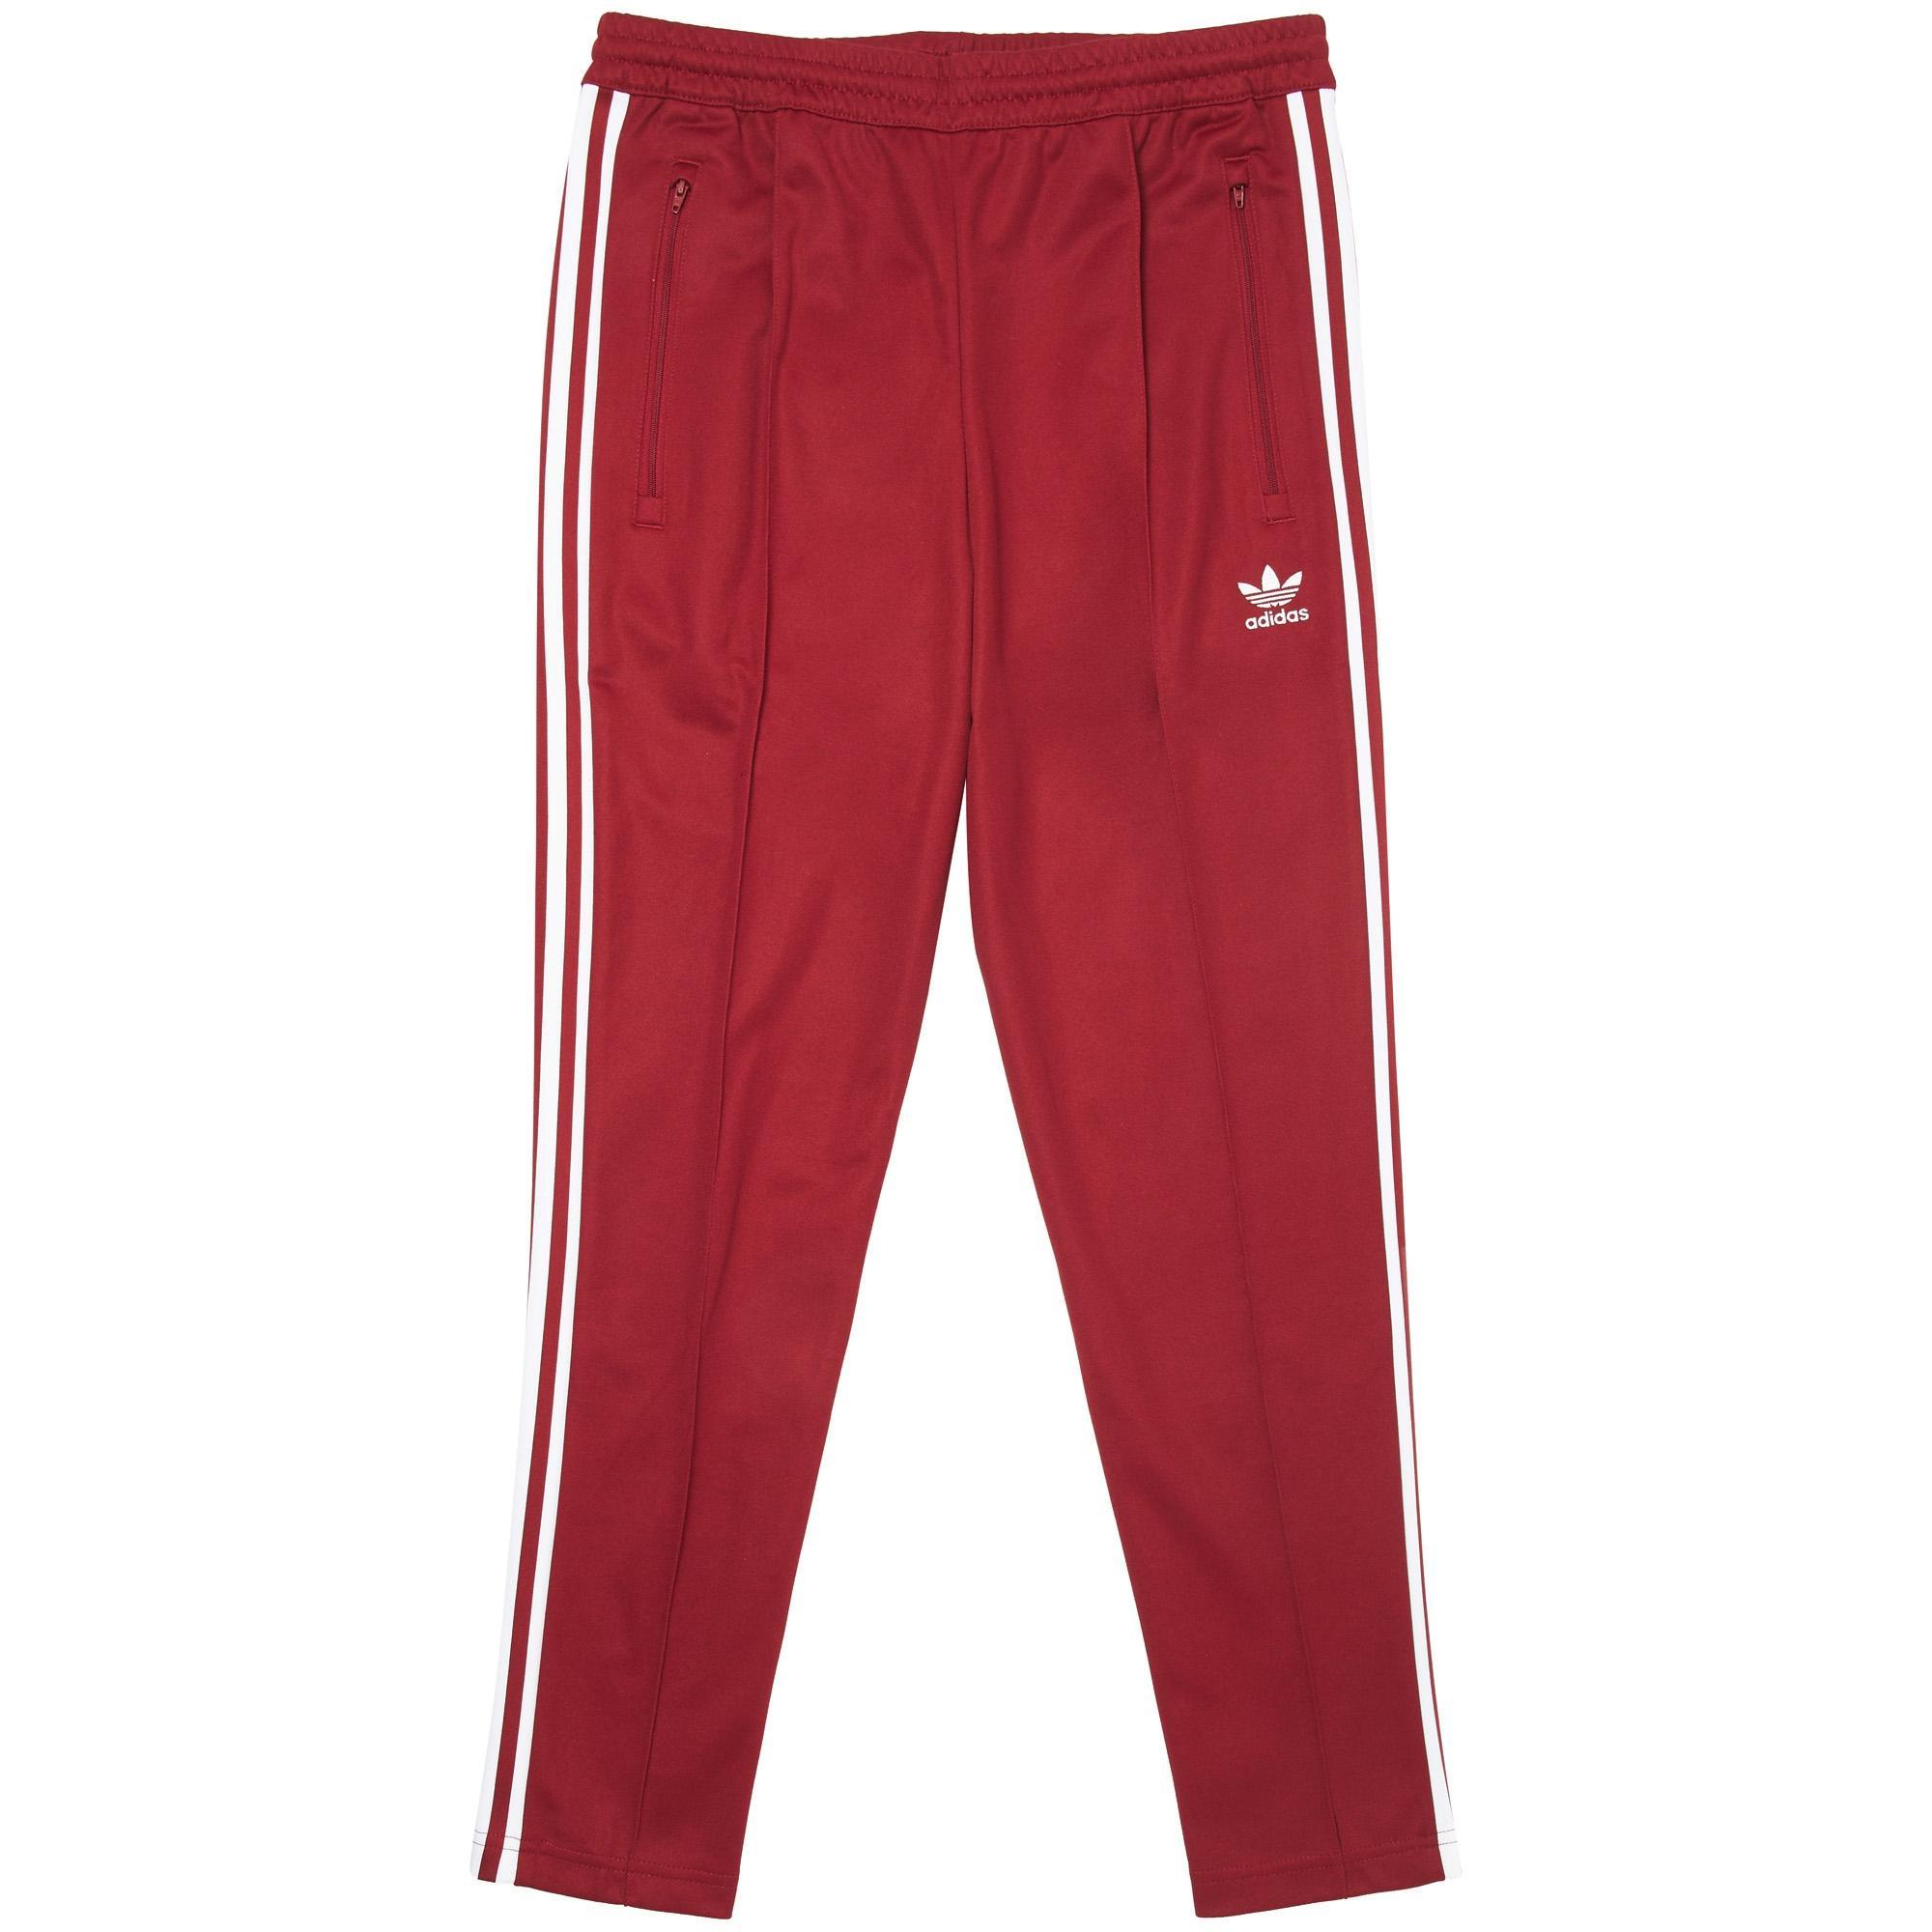 Lyst Adidas Originali Beckenbauer Traccia Pantaloni In Rosso Uomini Per Salvare Il 16% Uomini Rosso 145355